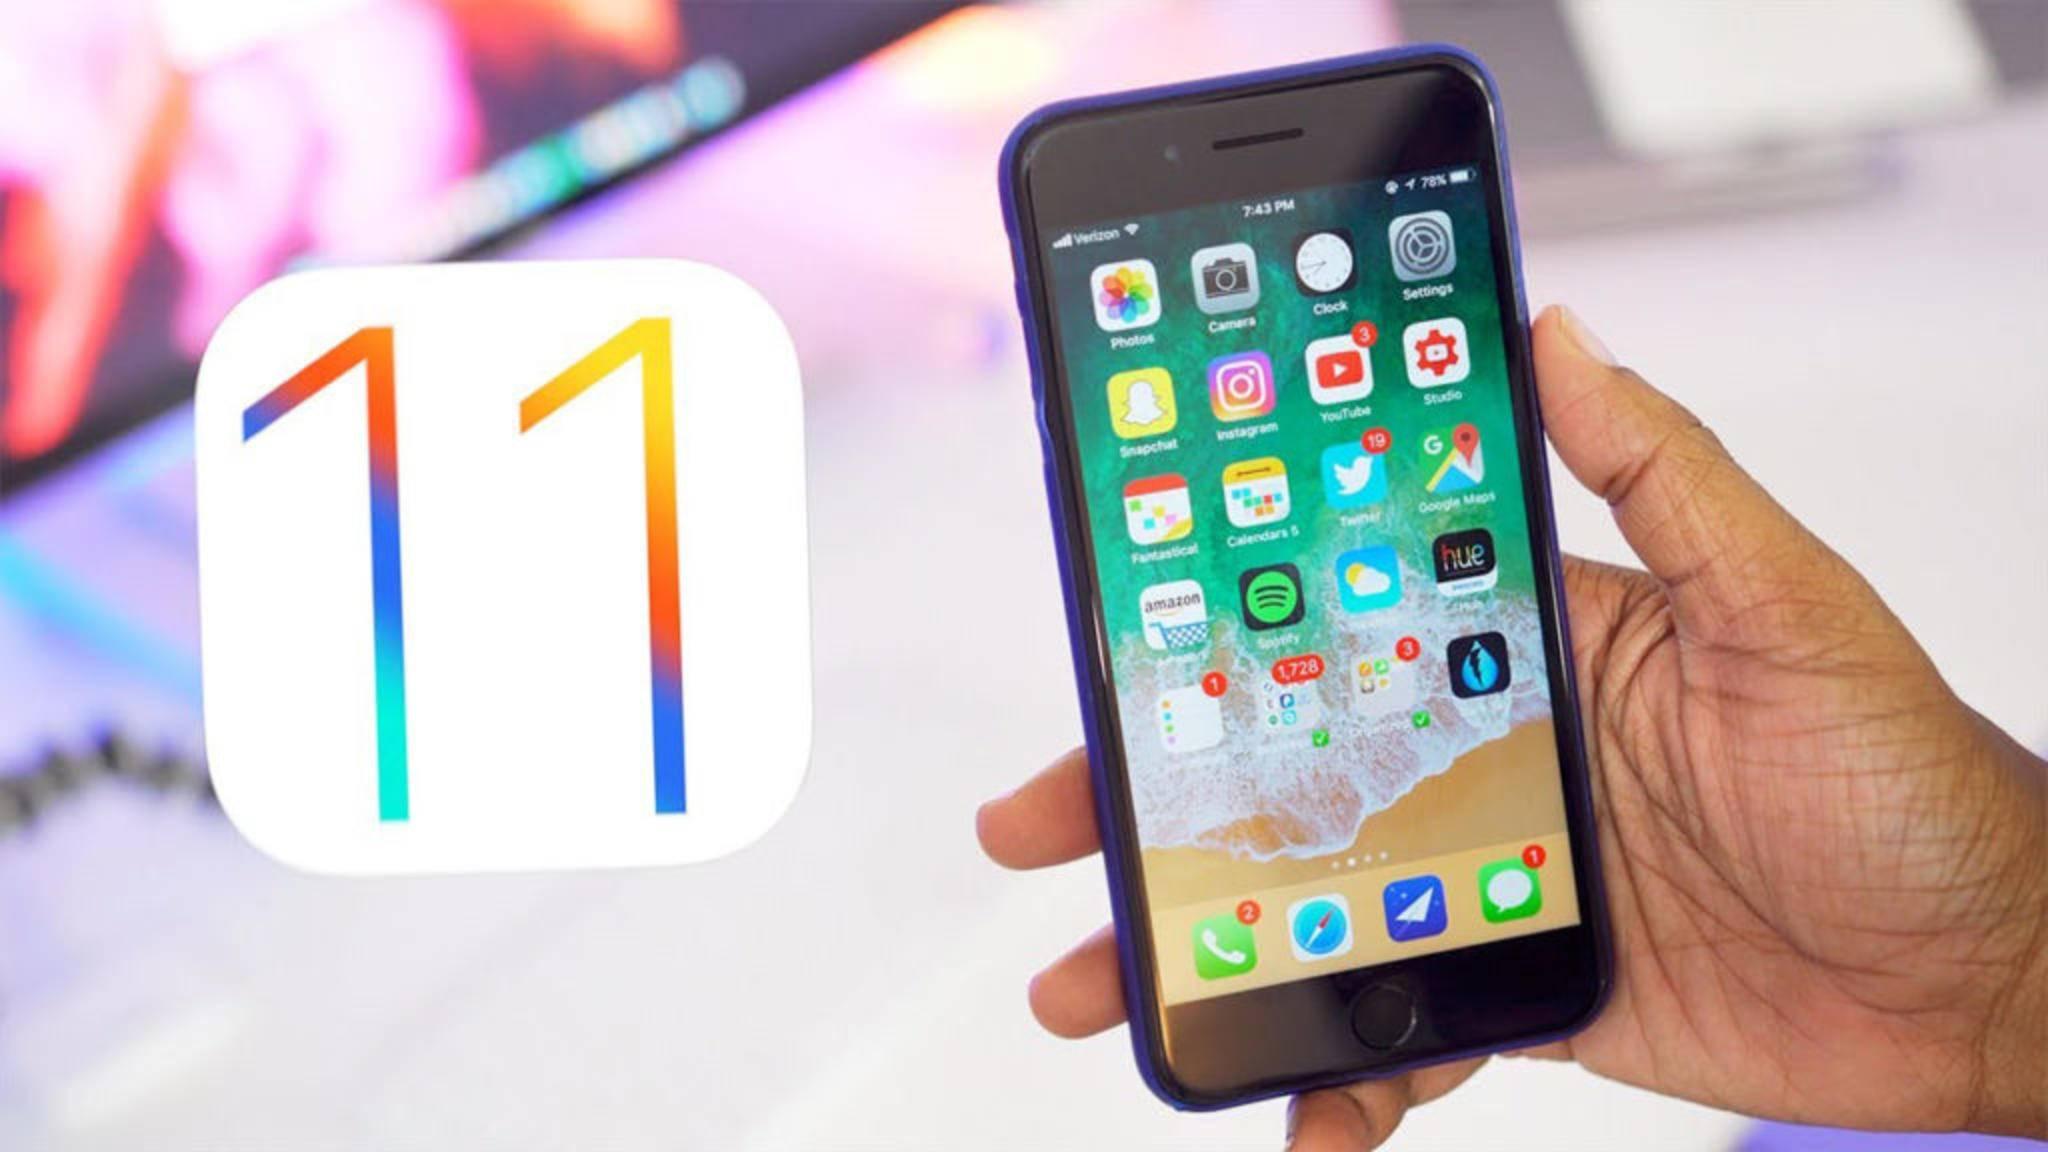 iOS 11 hilft Dir bei der Suche nach mehr freiem Speicherplatz mit dem Auslagern von Apps.